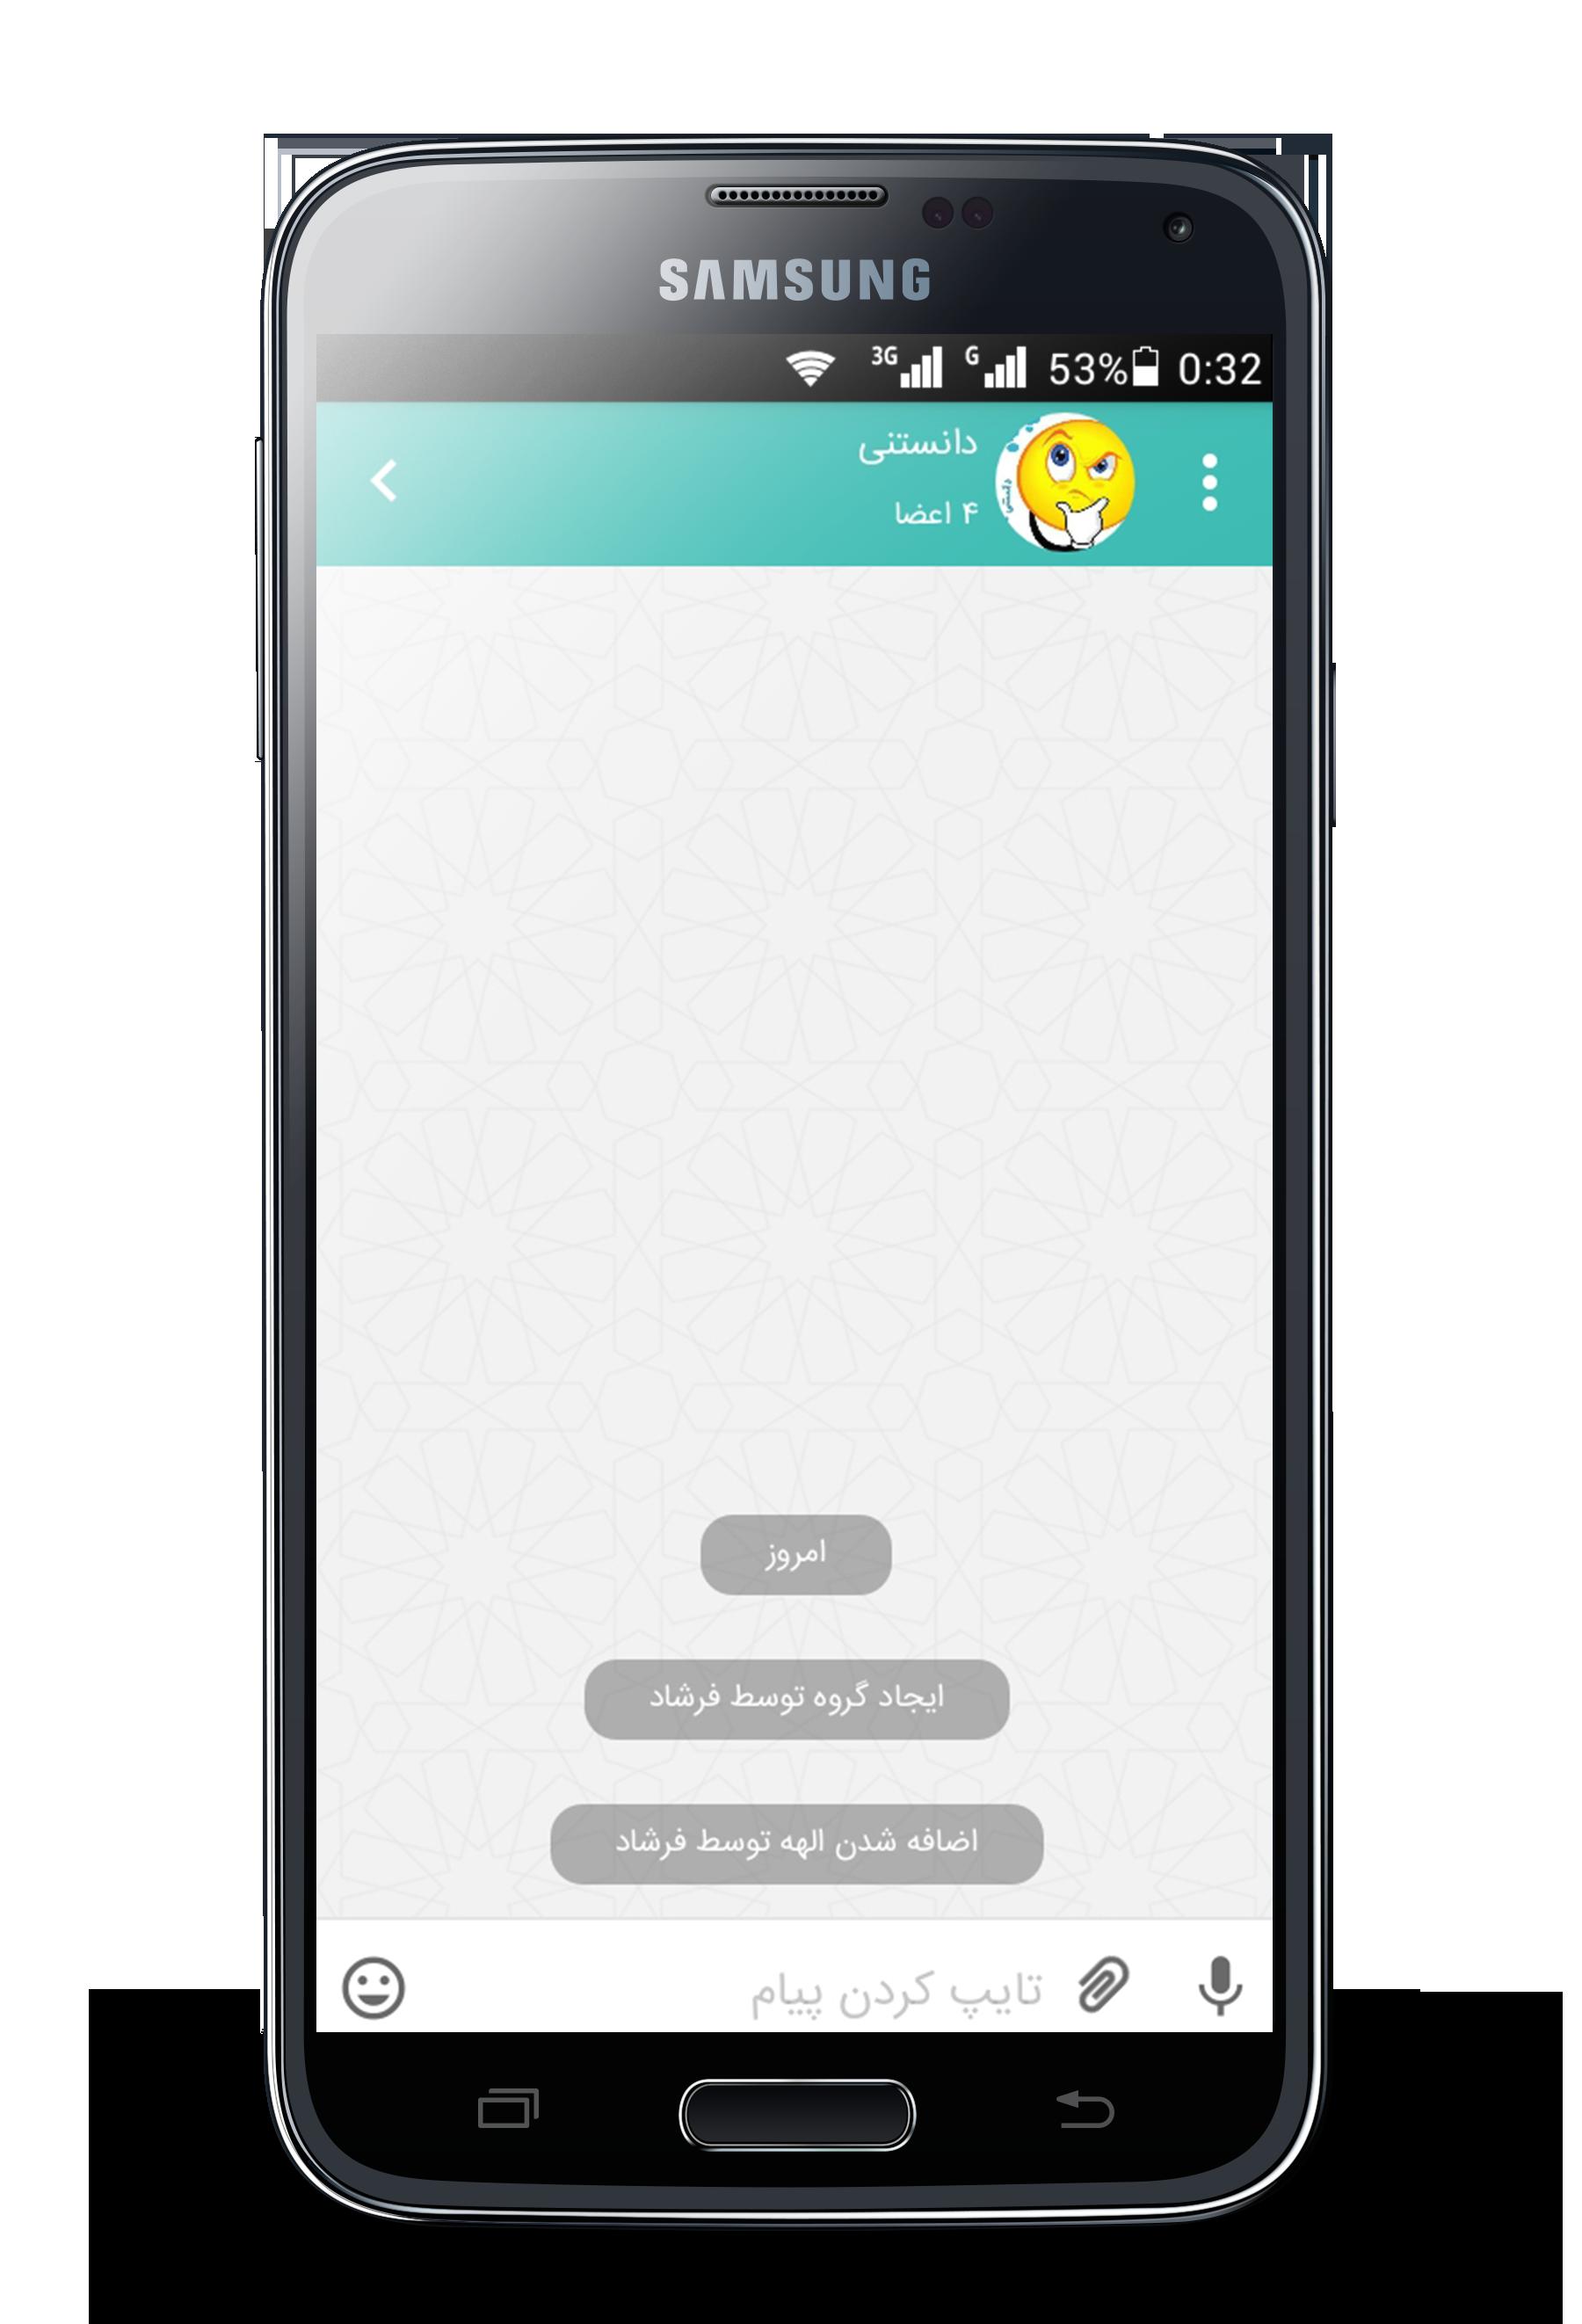 ساختن گروه خصوصی در نسخه اندروید آیگپ